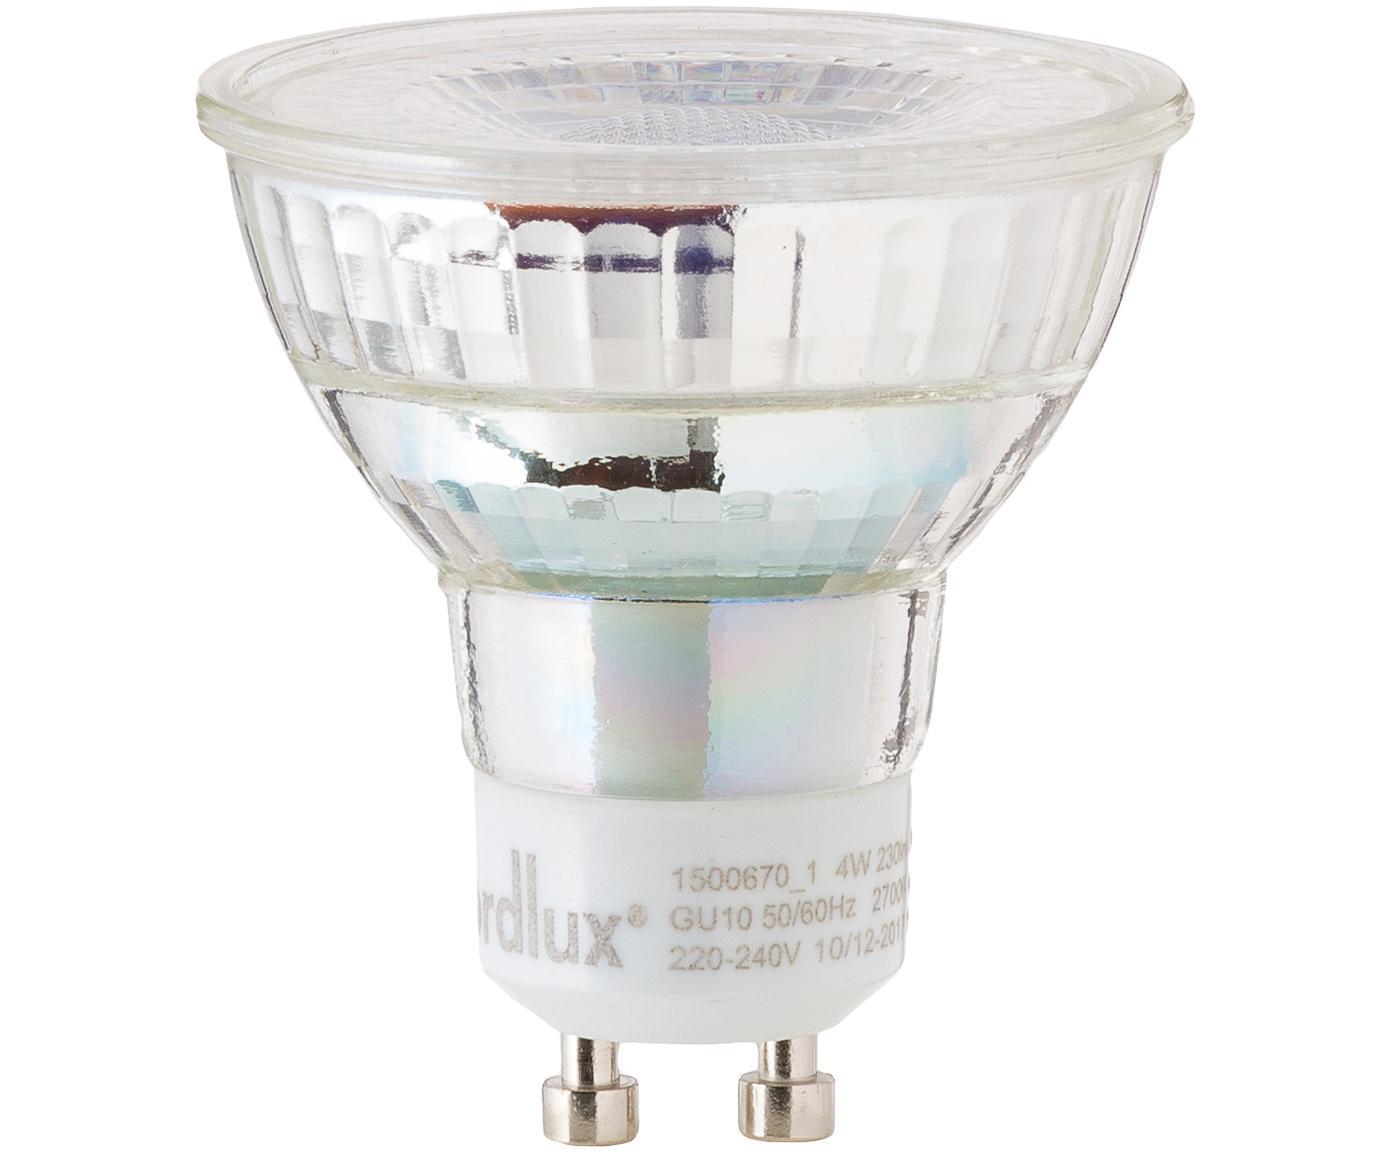 Żarówka LED Ferre (GU10/4W), Transparentny, Ø 5 x W 6 cm